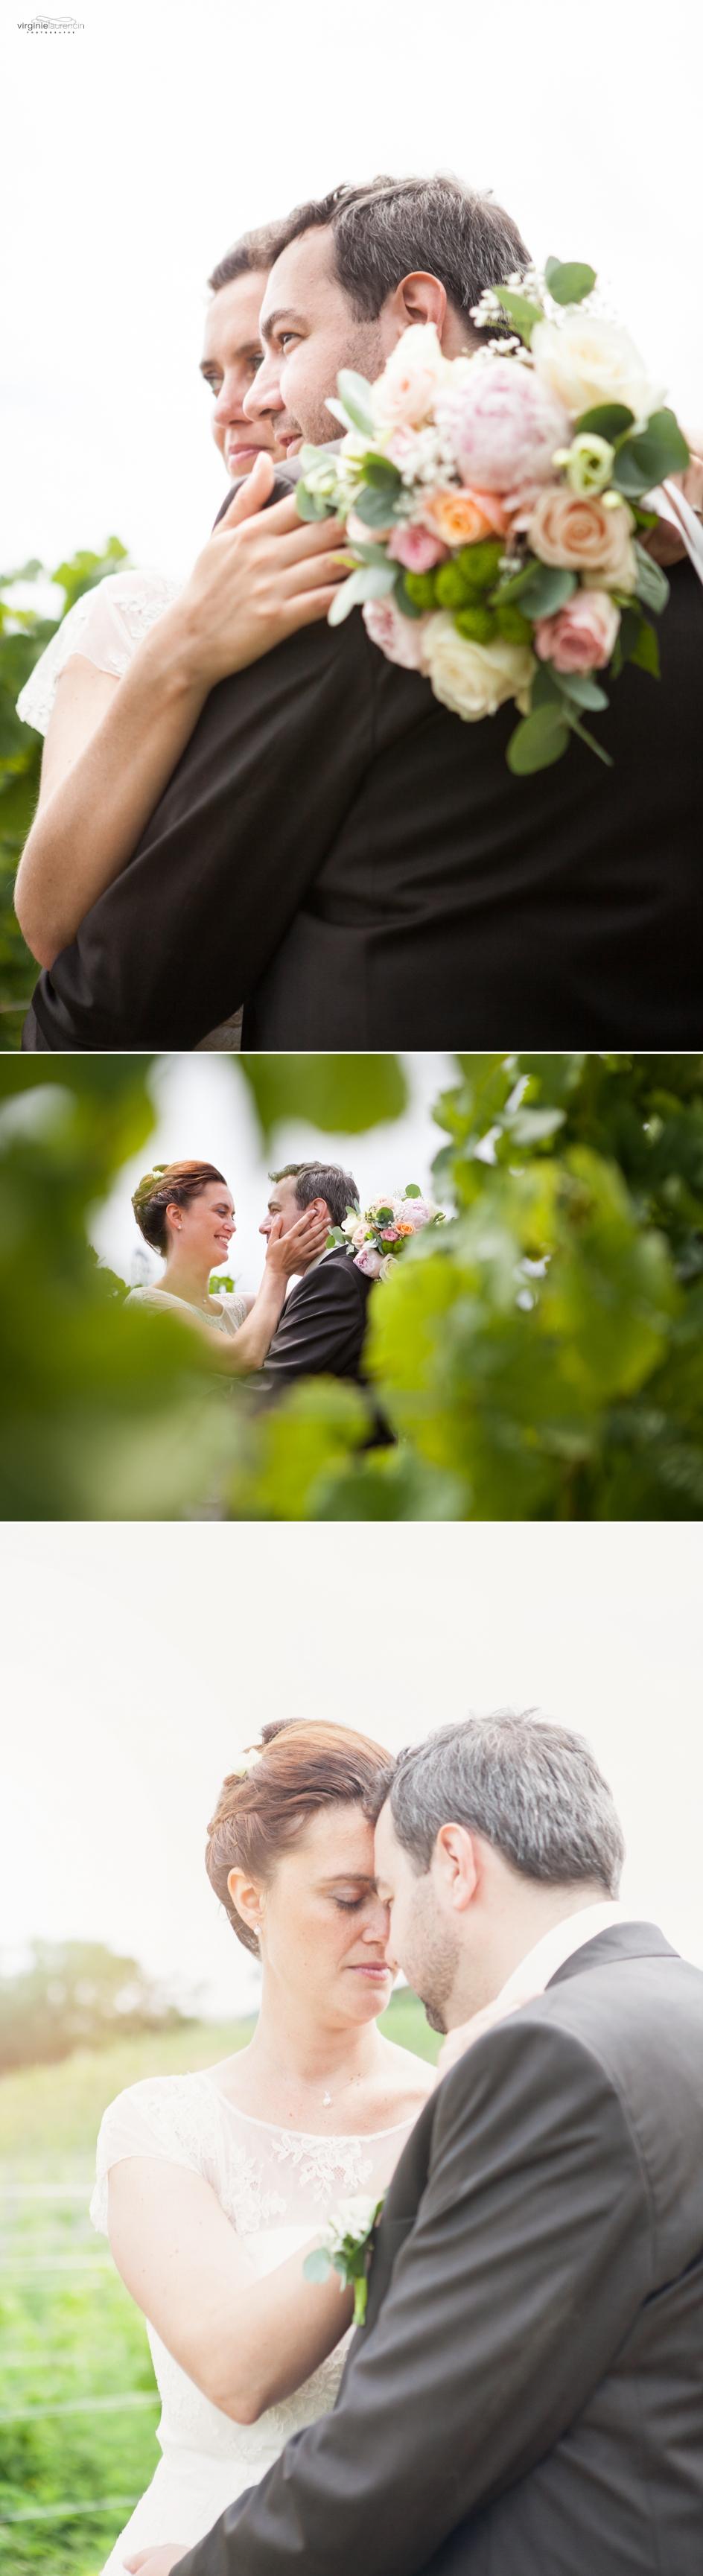 14 - PHOTOS DE COUPLE DANS LES VIGNES